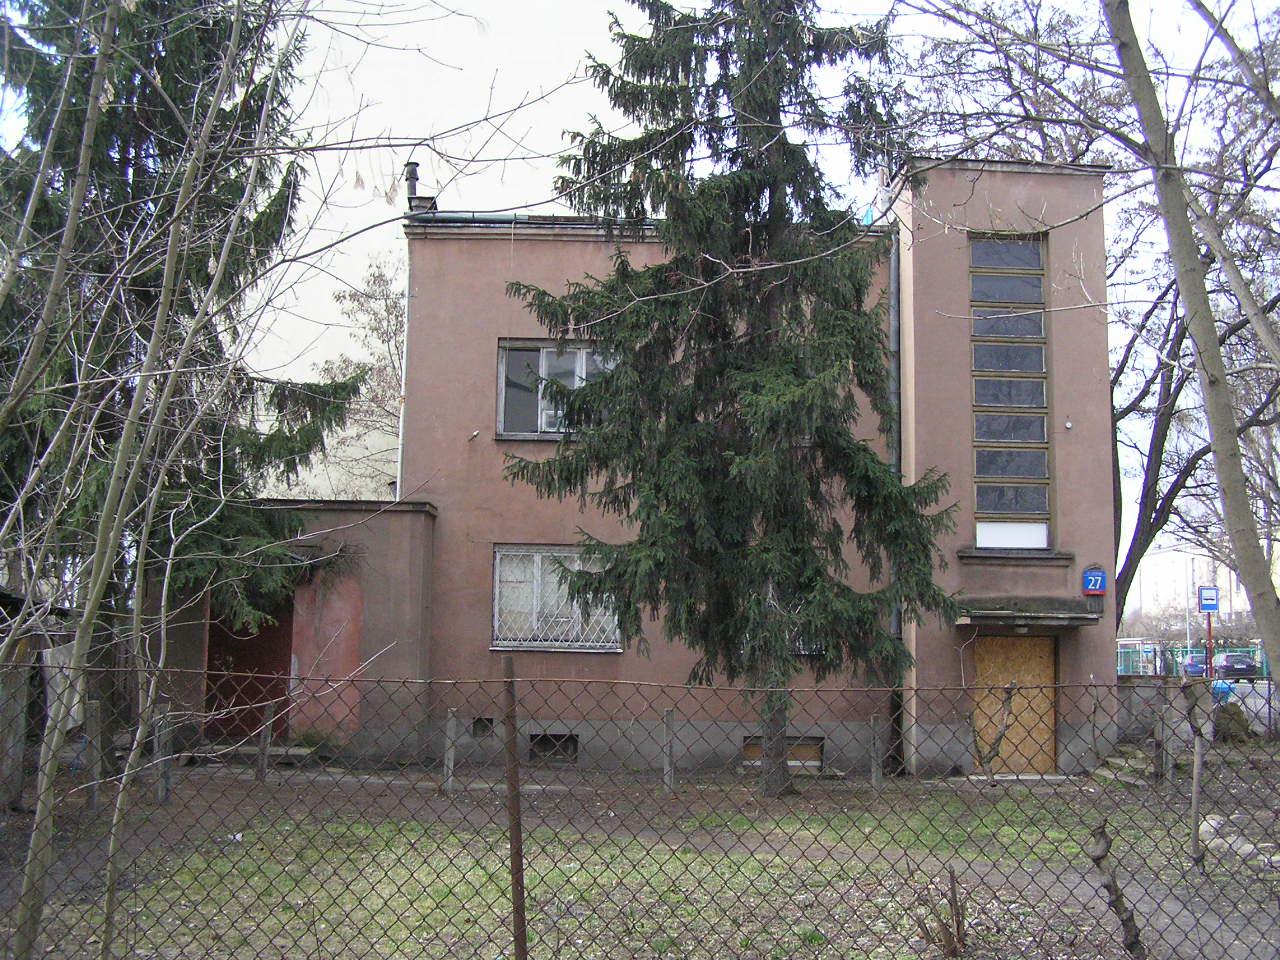 Budynek przy ulicy Kickiego 27 na Grochowie